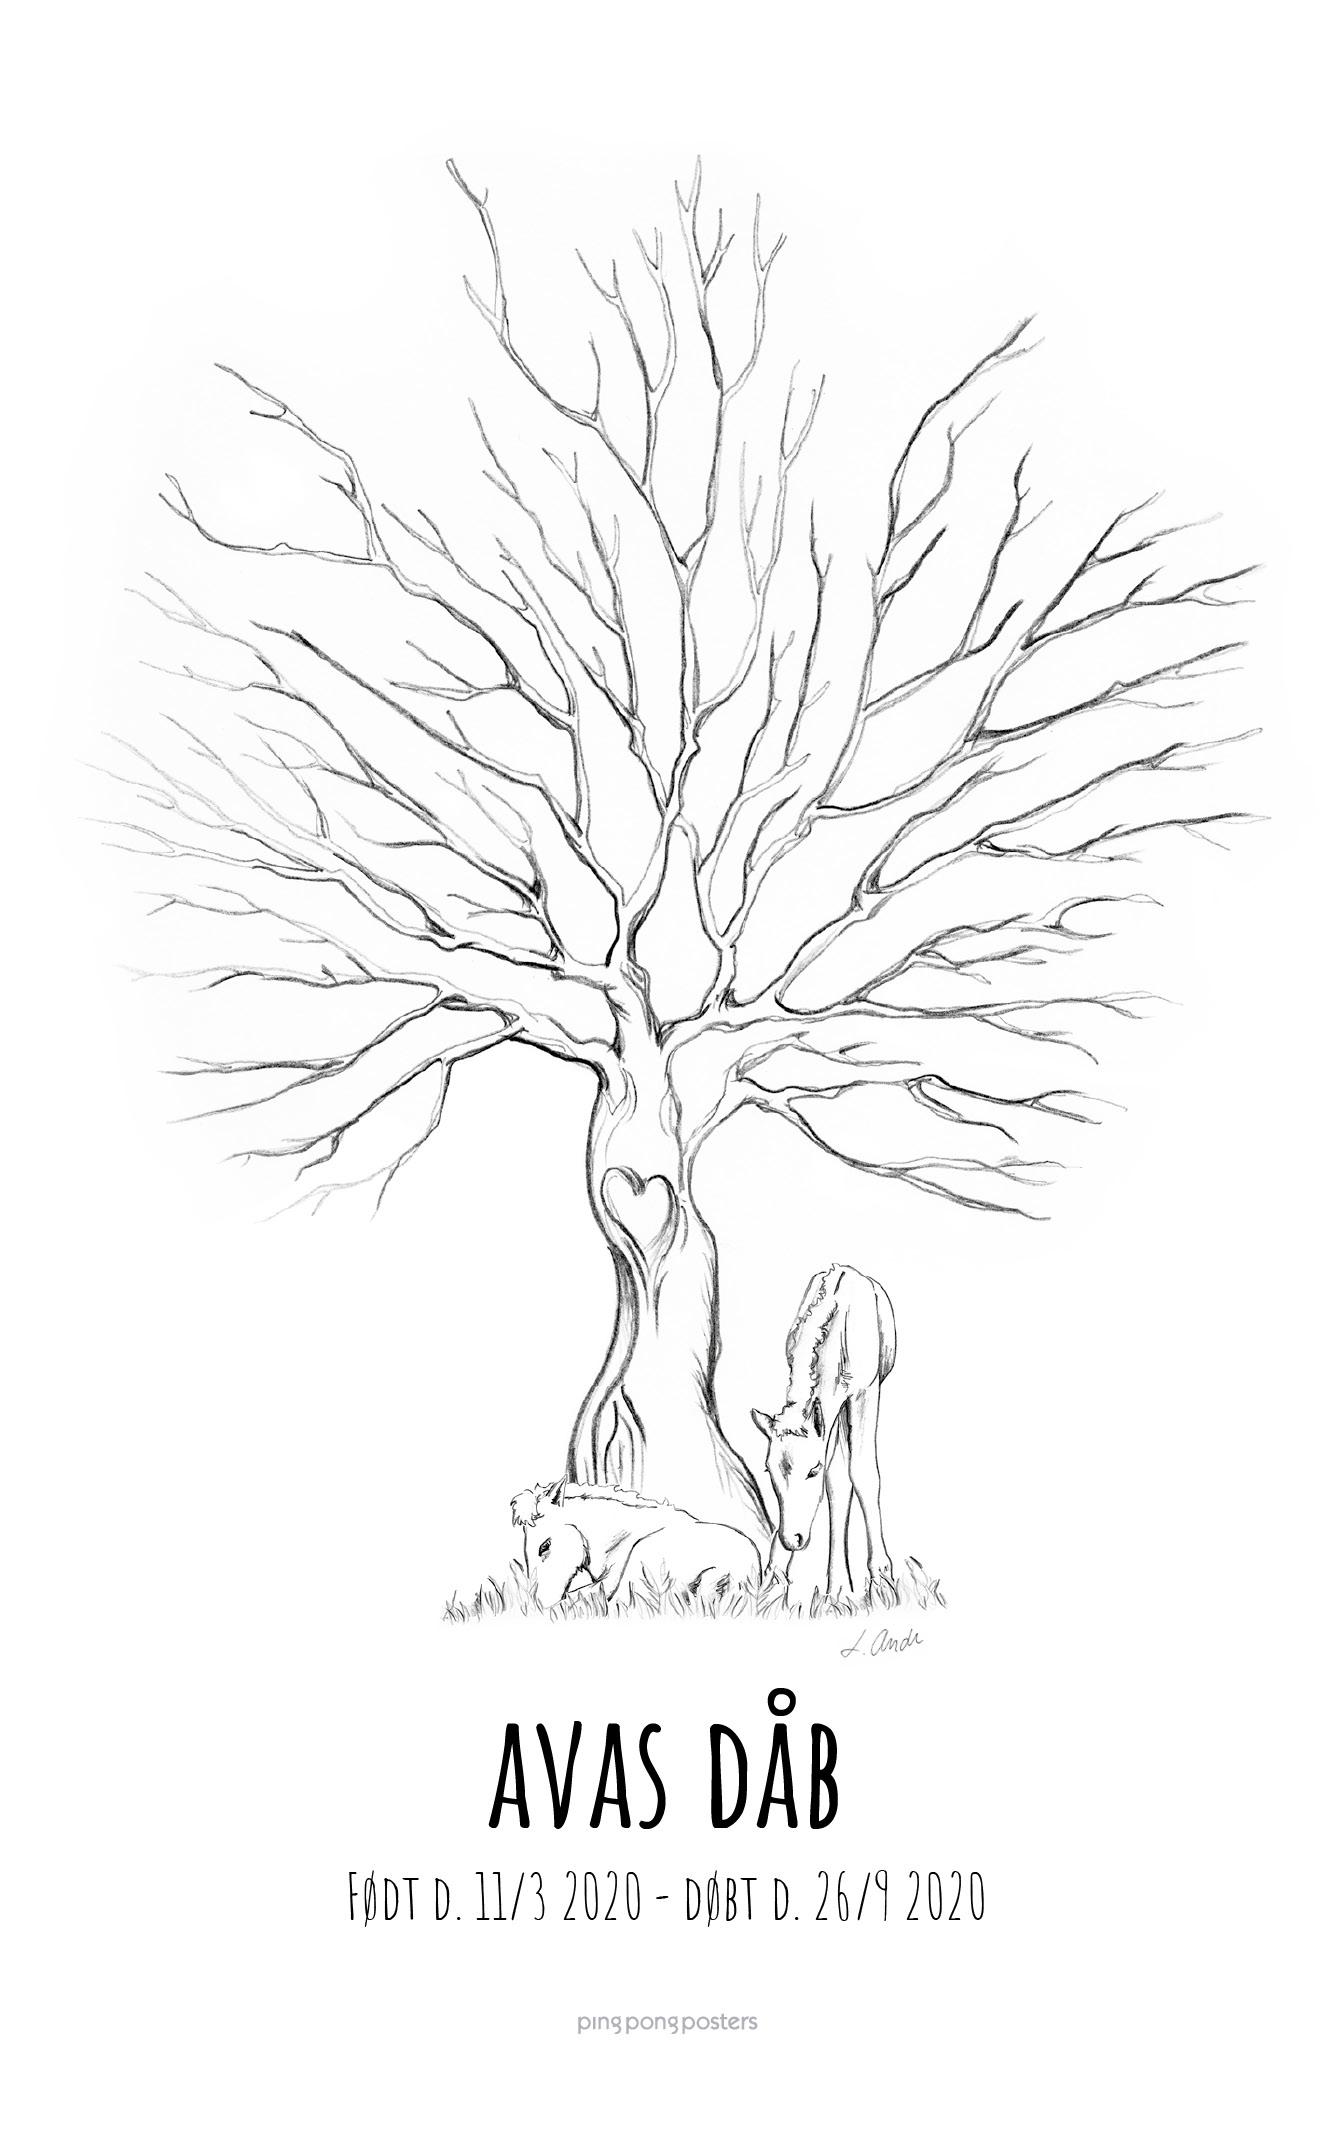 Fingeraftryk træ med to føl foran træet